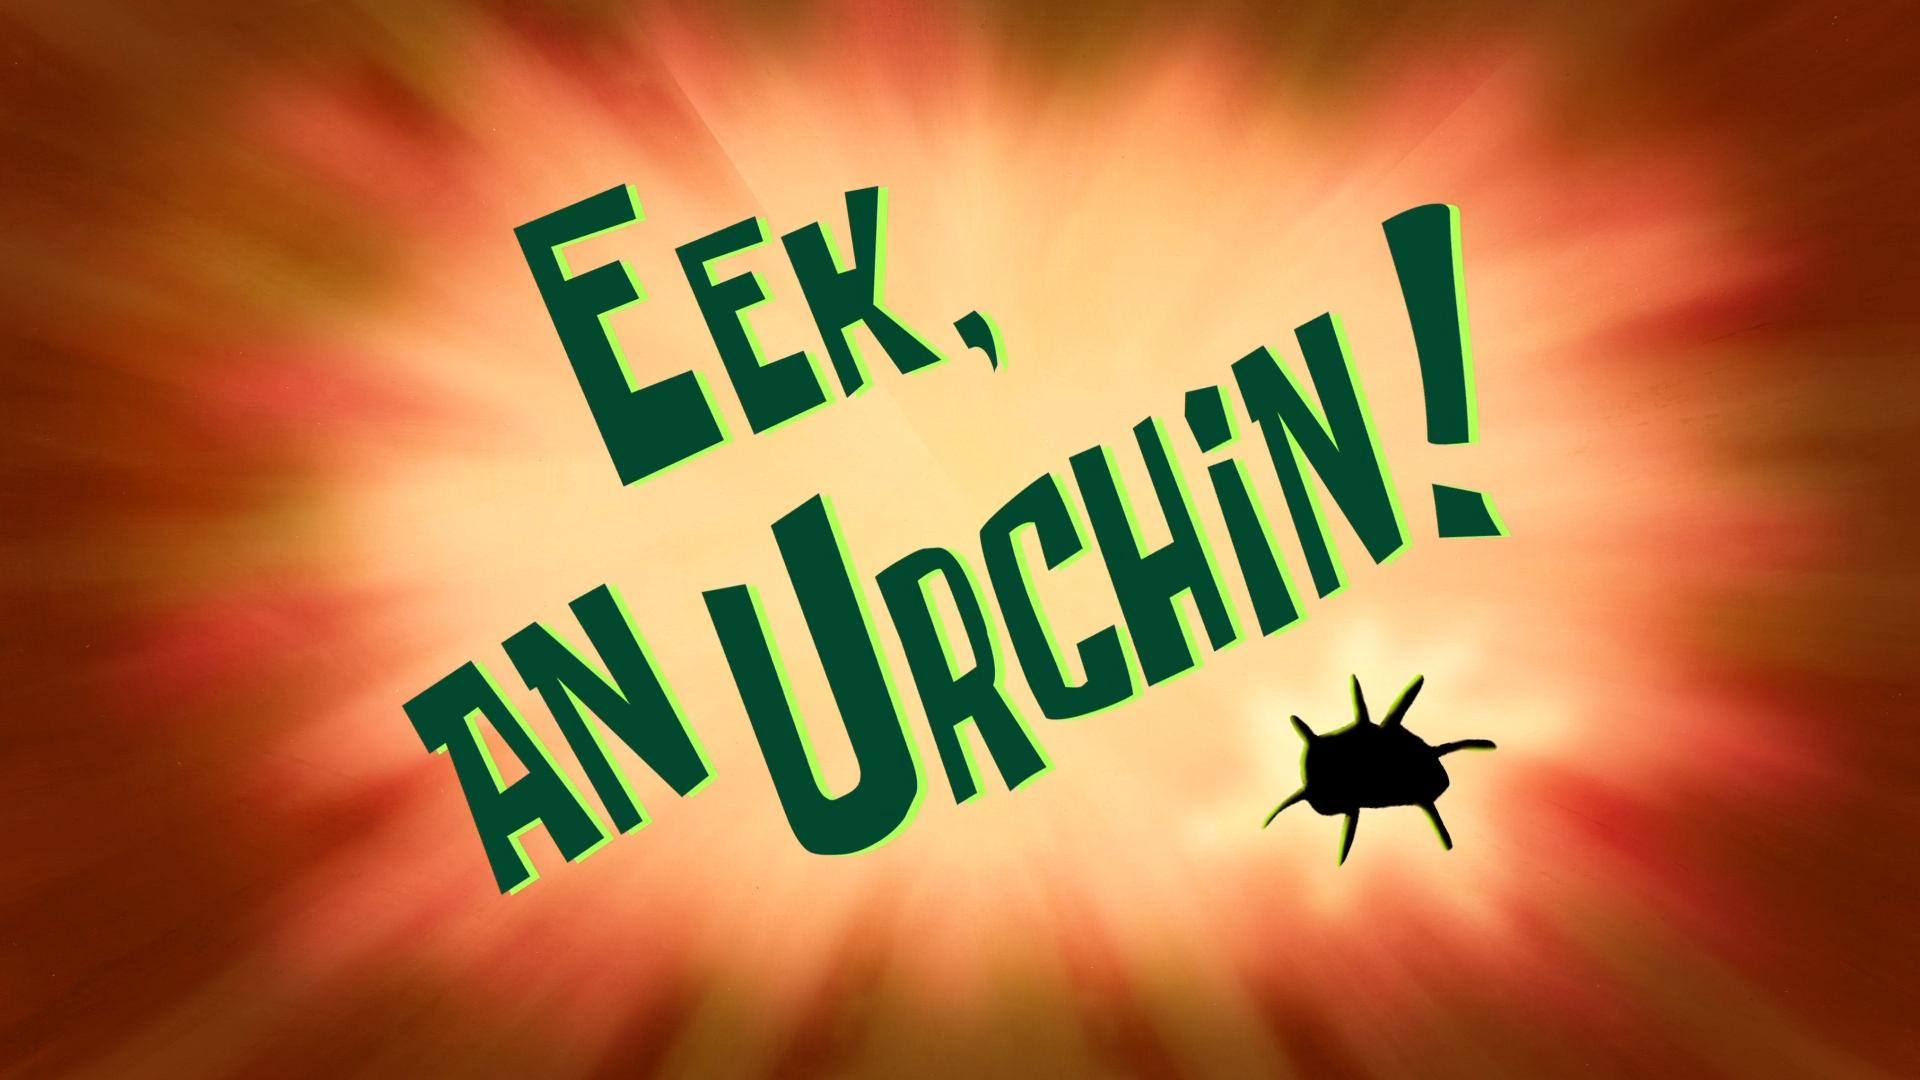 Eek, an Urchin!/transcript